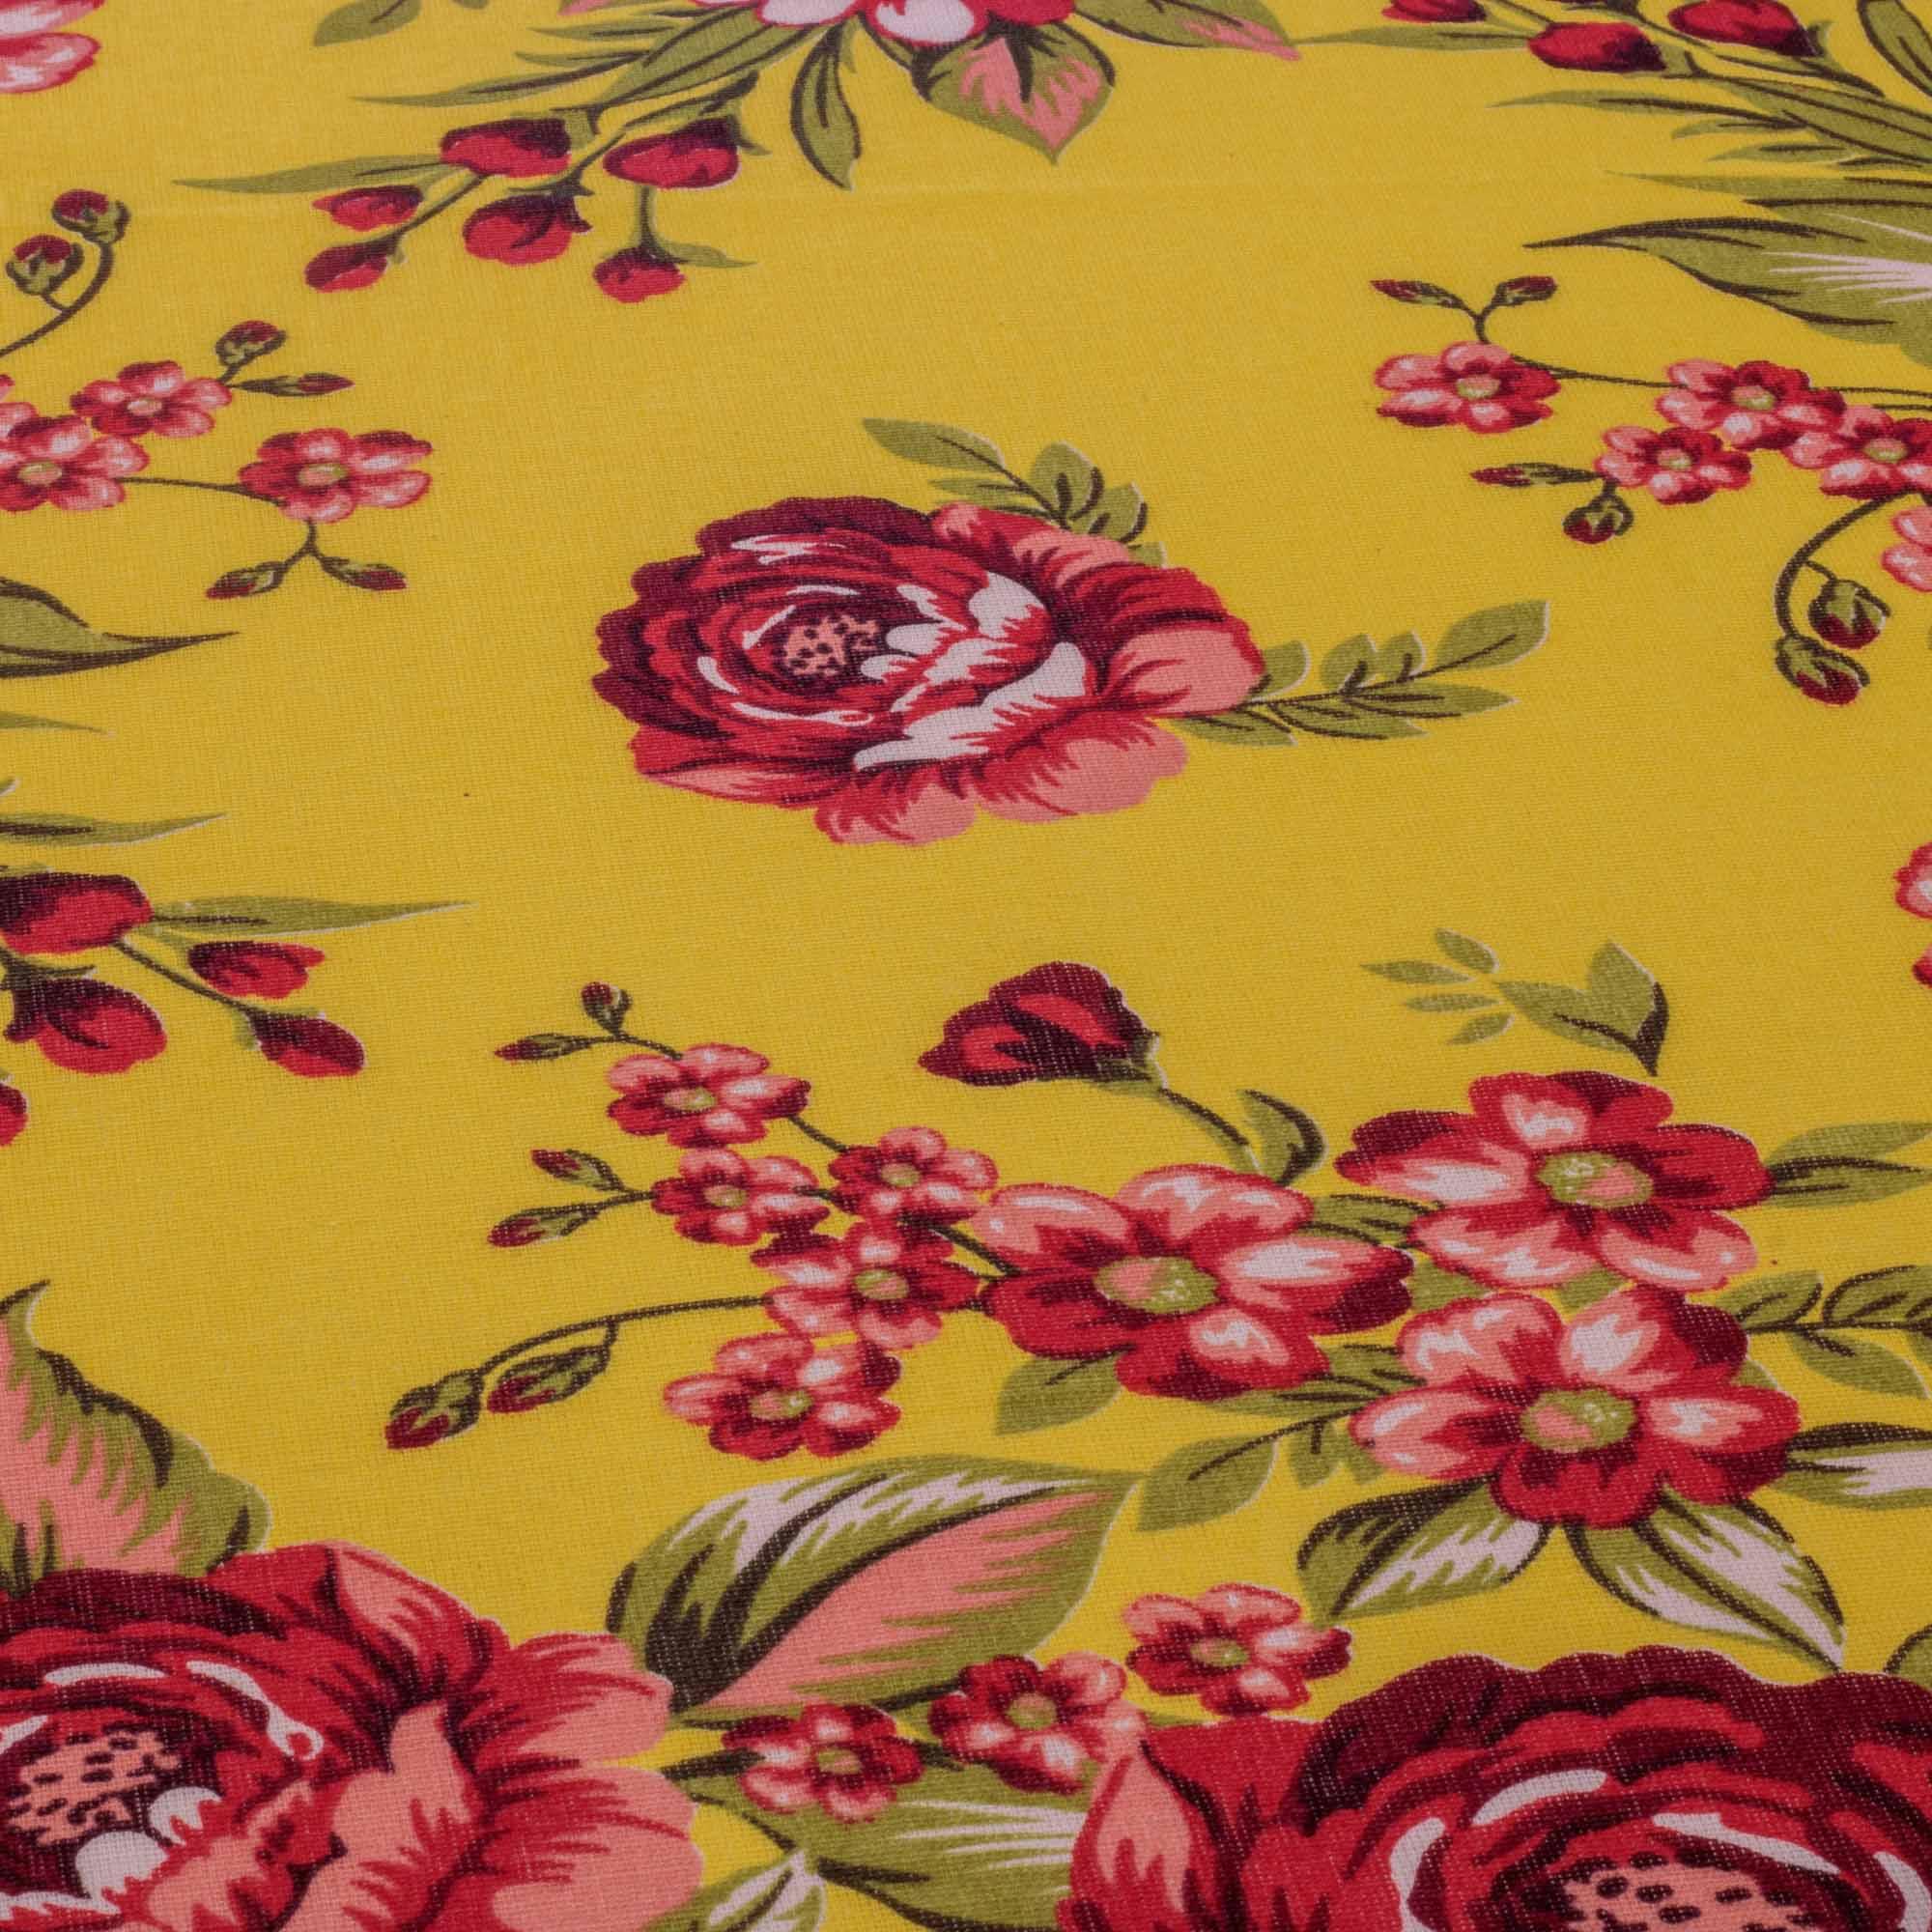 Tecido Chitão Estampado Rosas Vermelhas 100% Algodão Amarelo